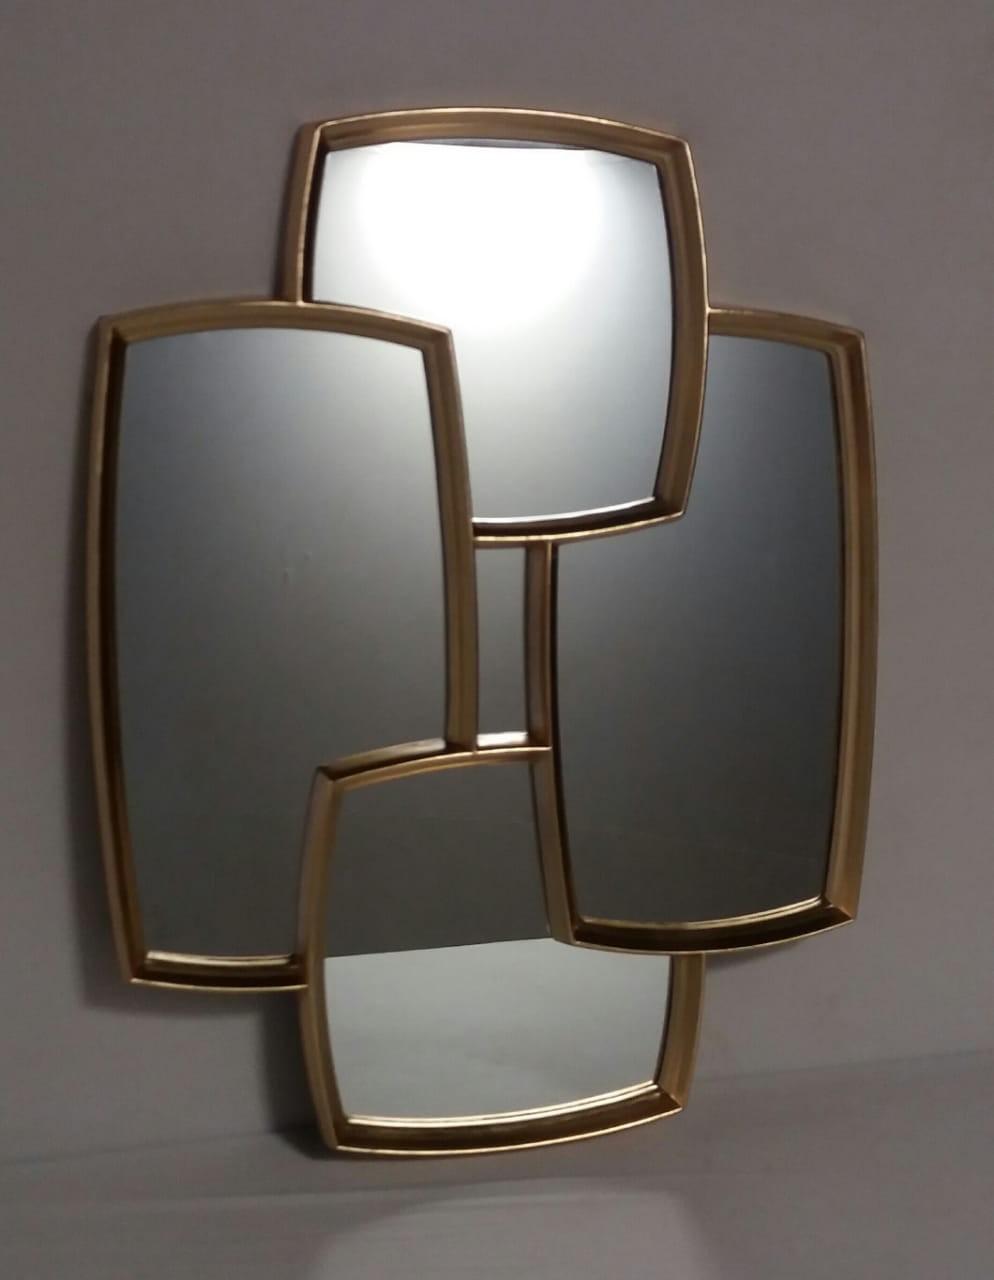 Espelho Decorativo Em Retangulos Dourados- Frontier